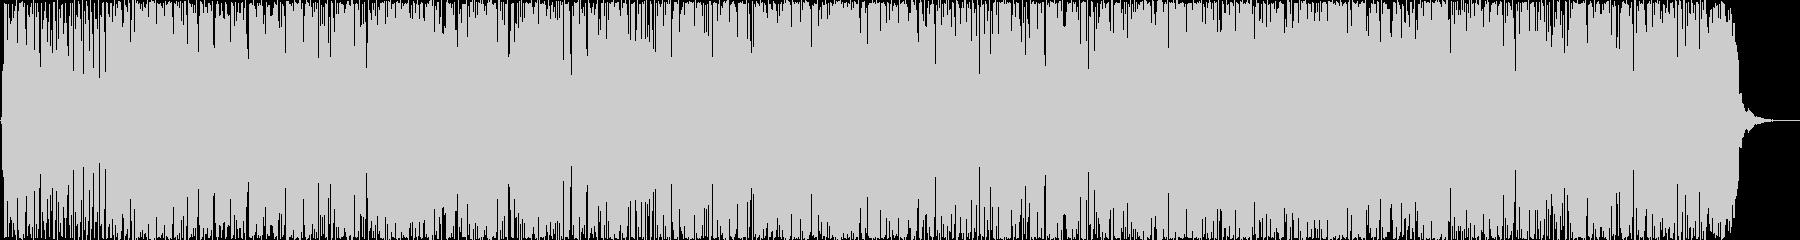 冬に聴くボサノバの未再生の波形